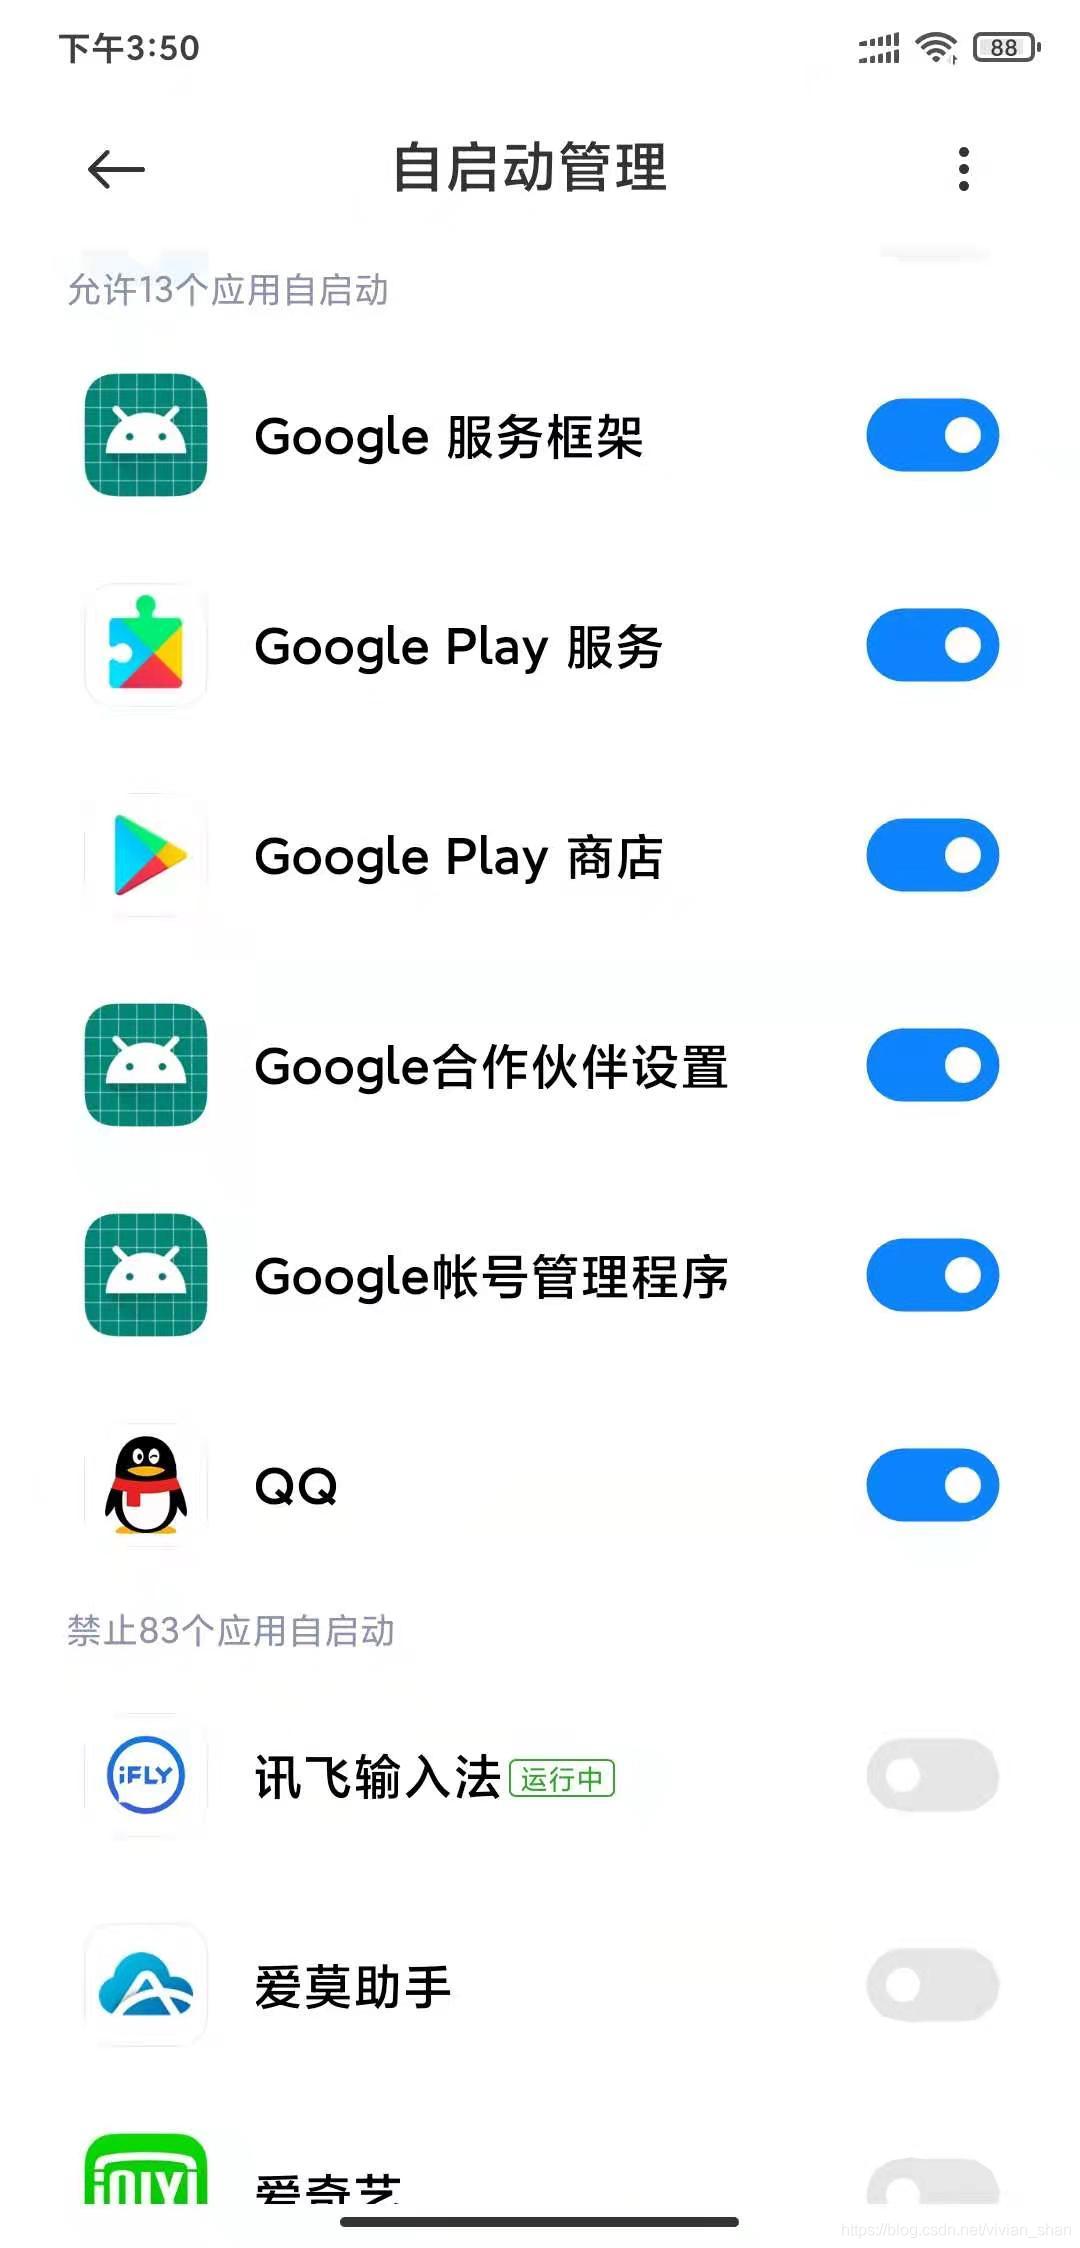 谷歌商店:从服务器检索信息出错(DF-DFERH-01)-2